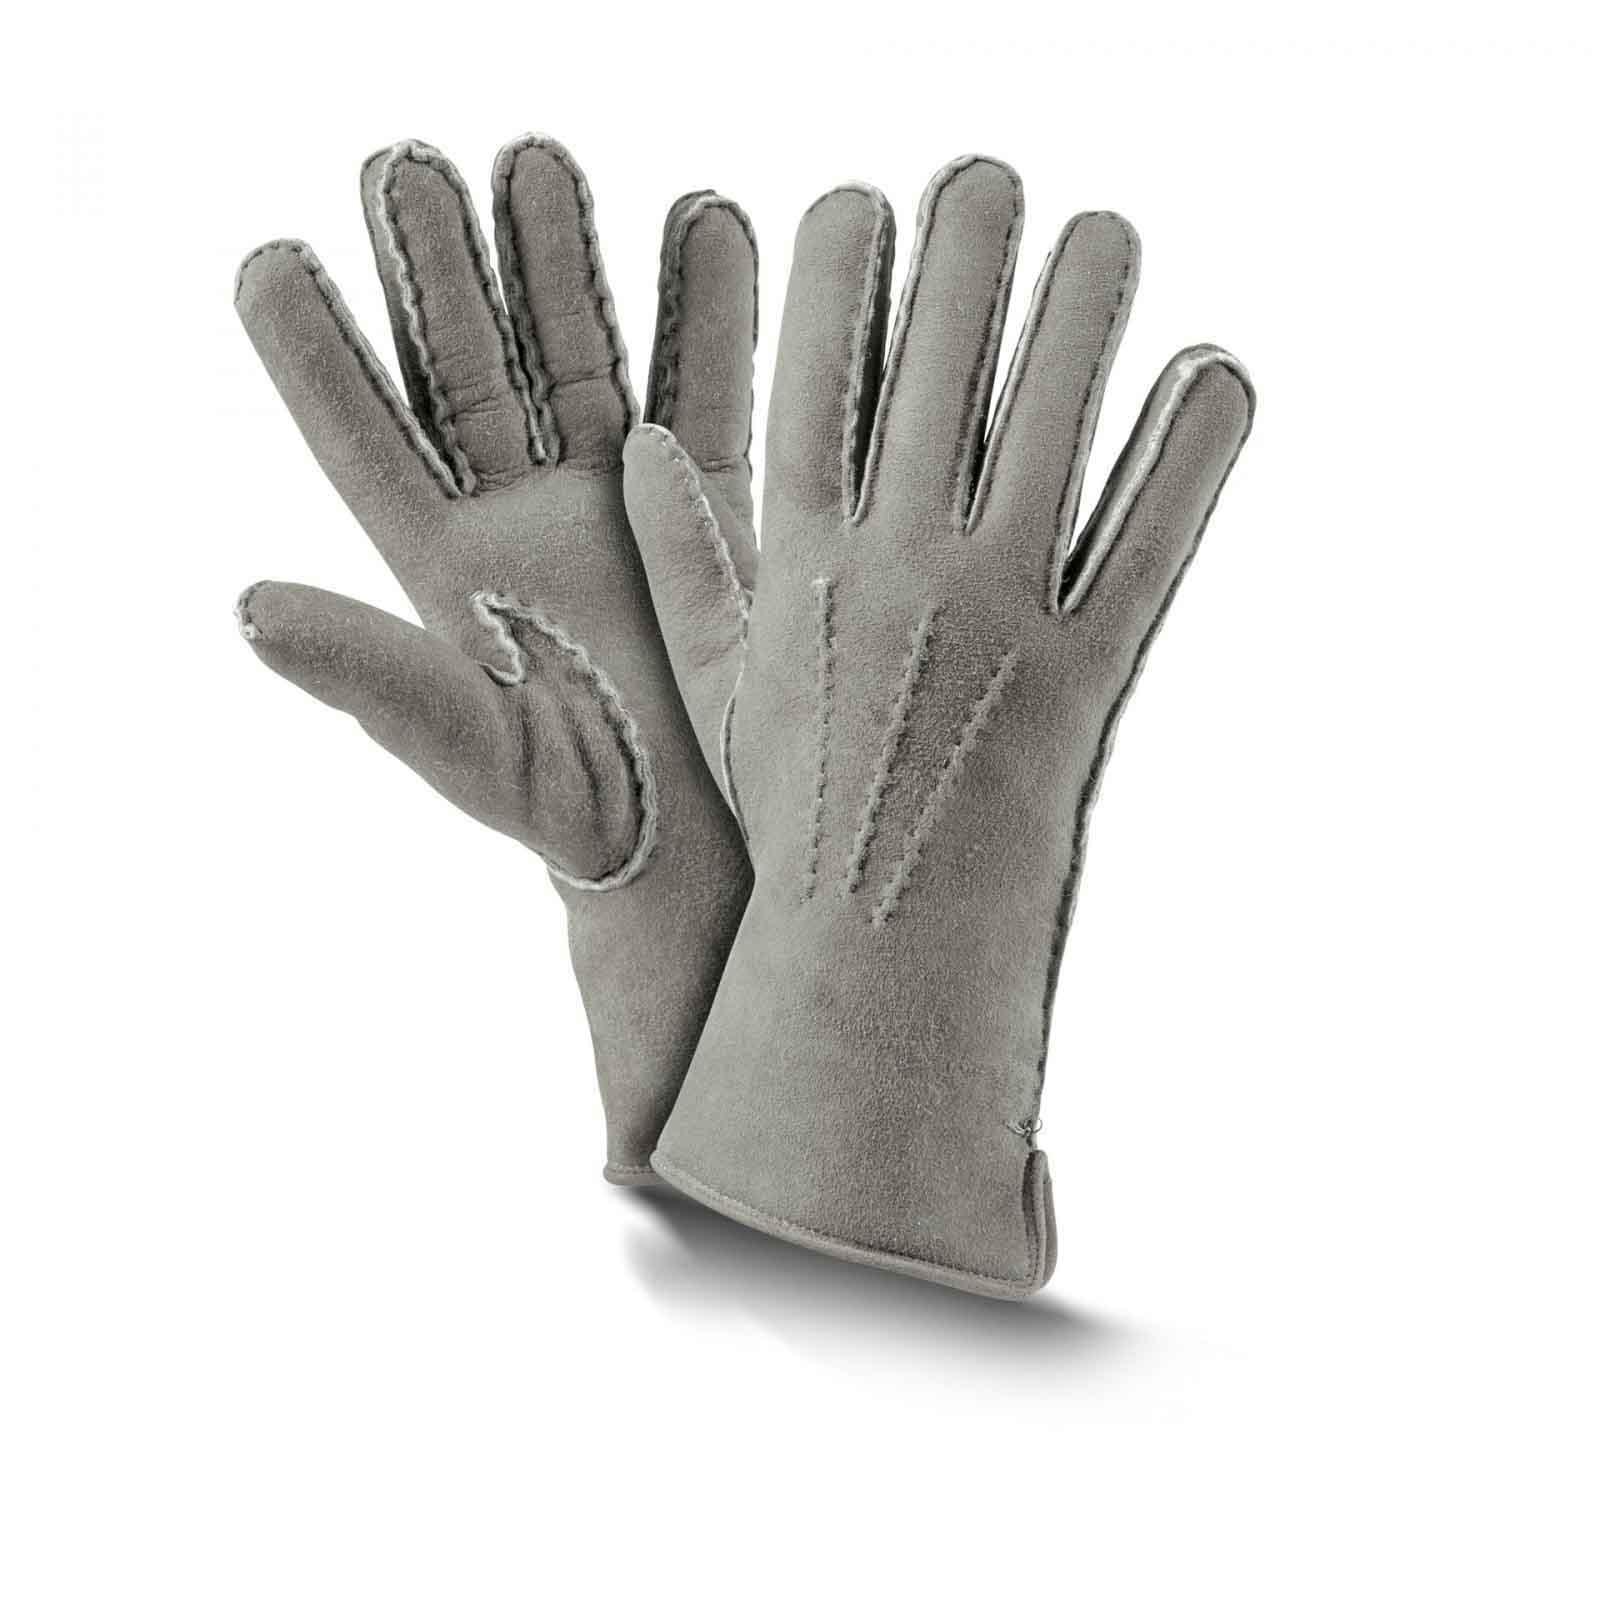 gestrickt Grau Handschuhe Kaninchenfell Echtes Fell